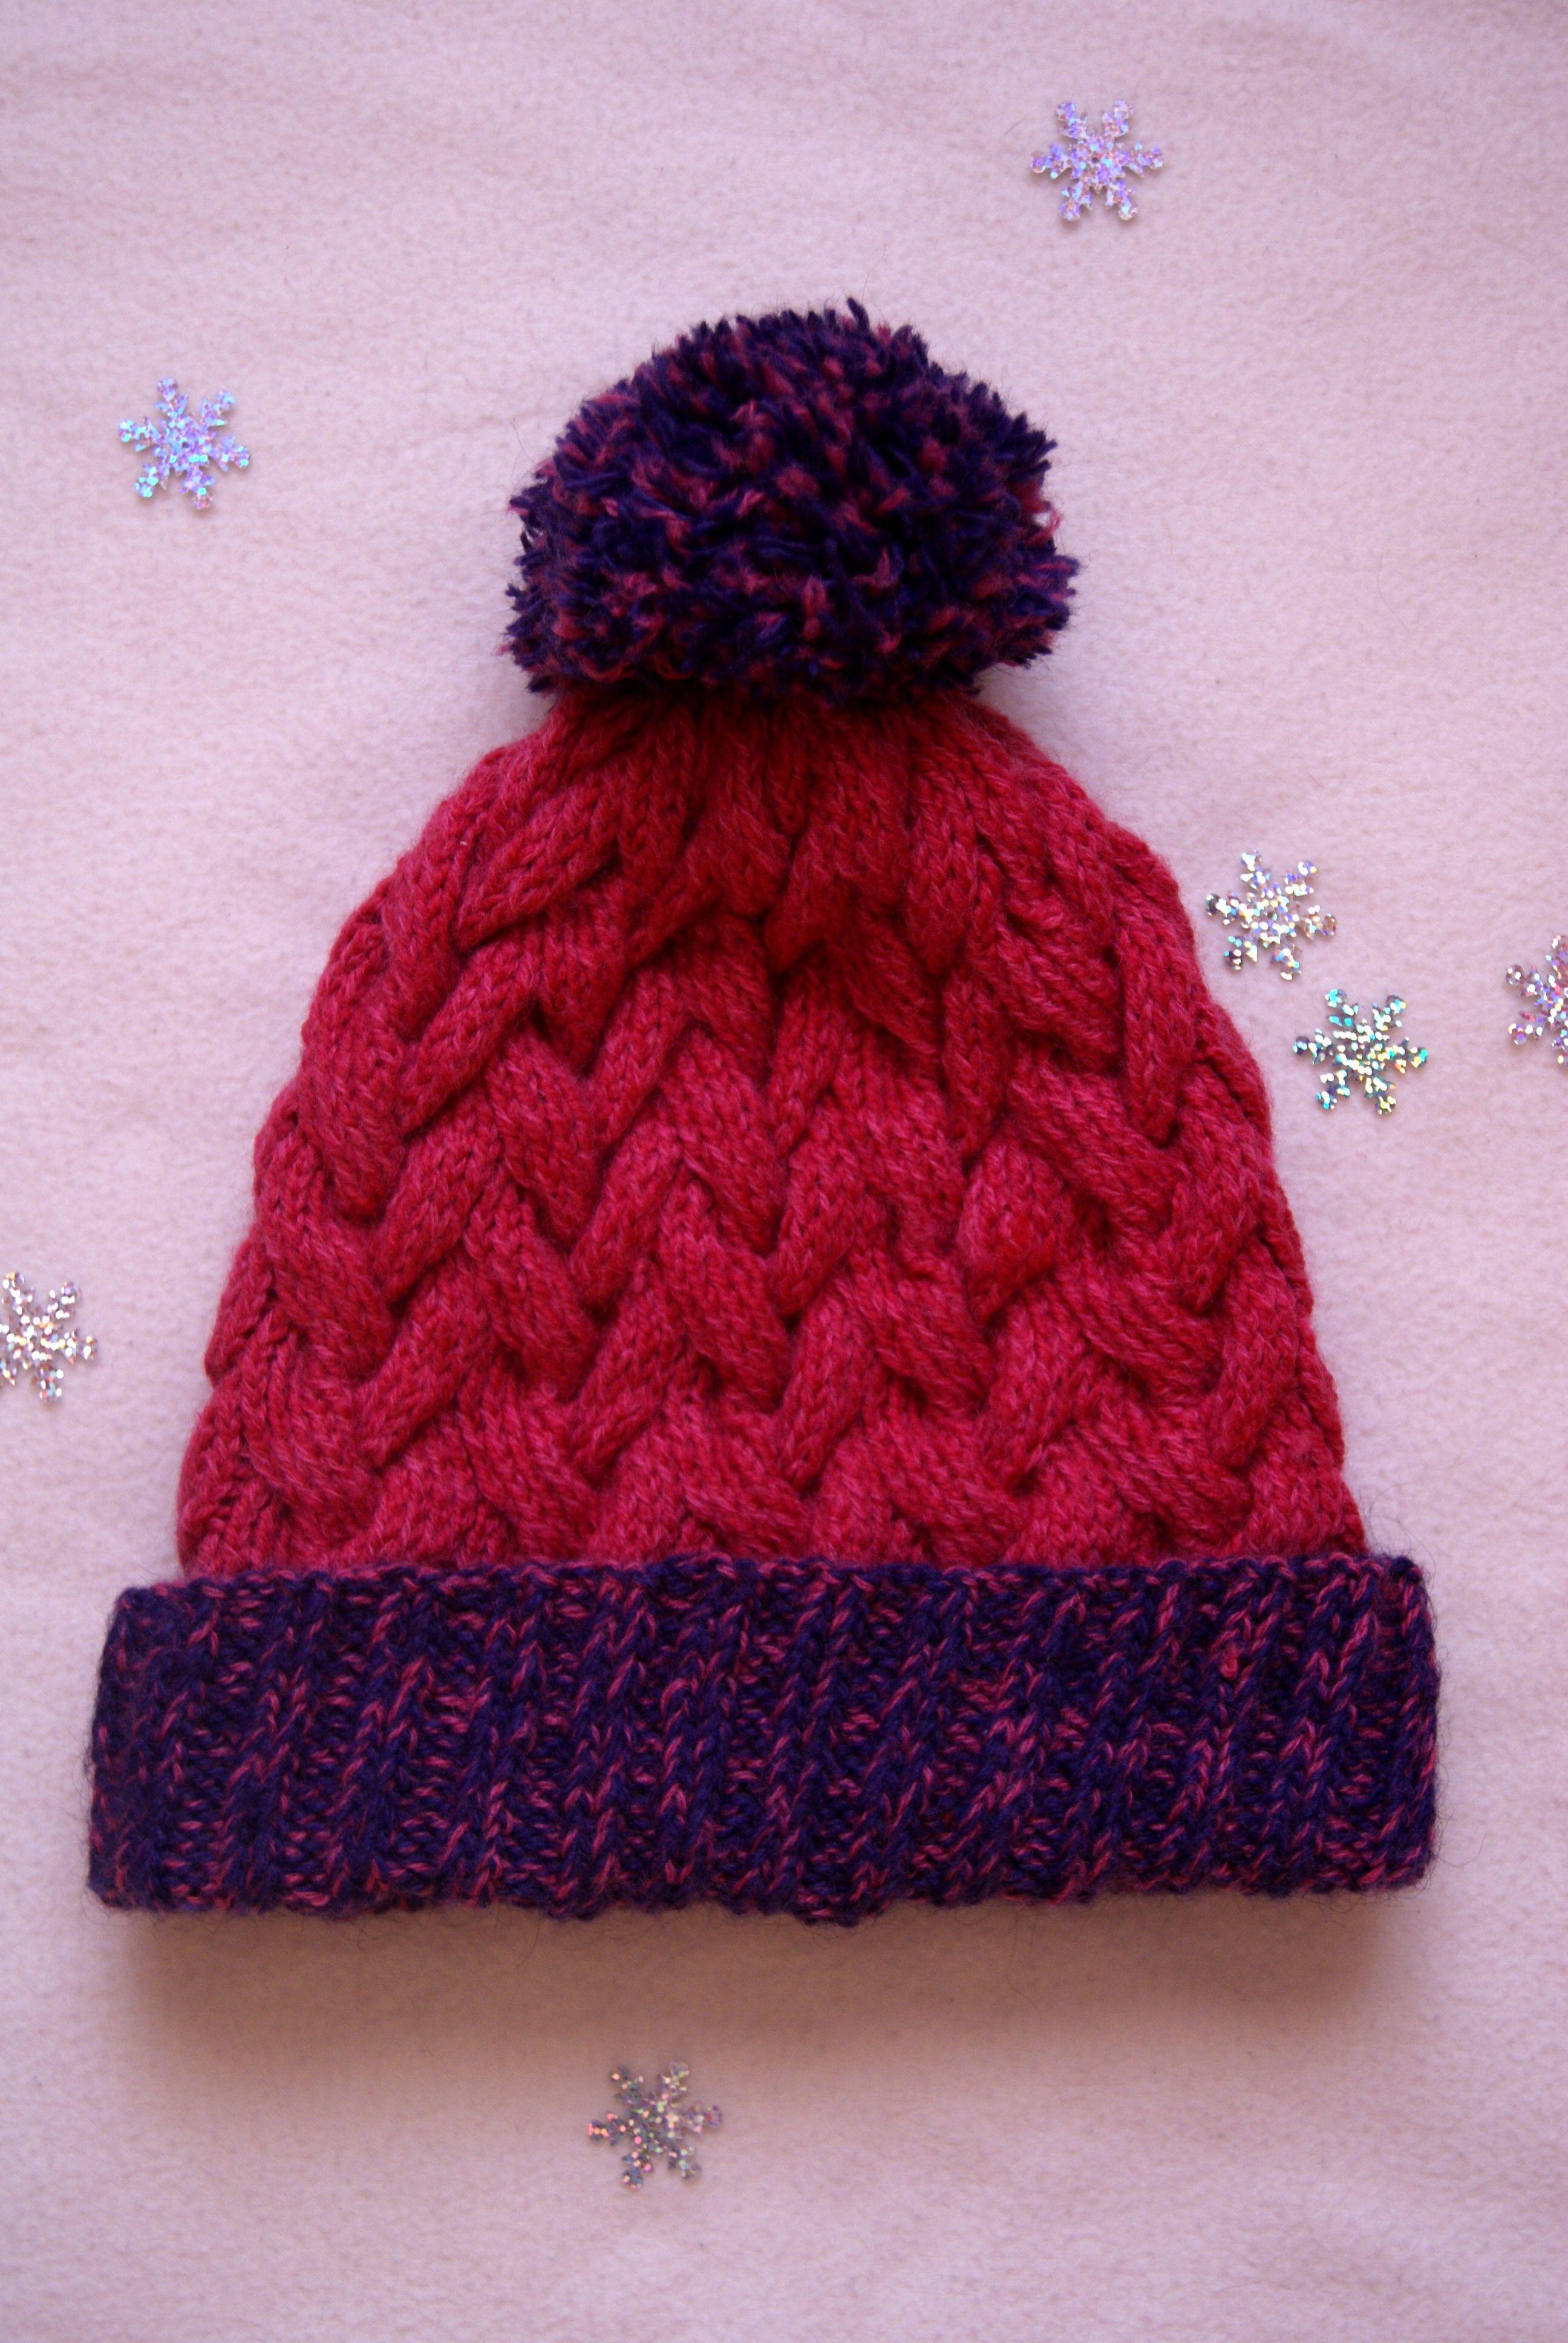 косы вязанаяшапка вязание зима teplorukami узоркосы уют шапка тепло вяжуназаказ вяжутнетолькобабушки вязаниеназаказ